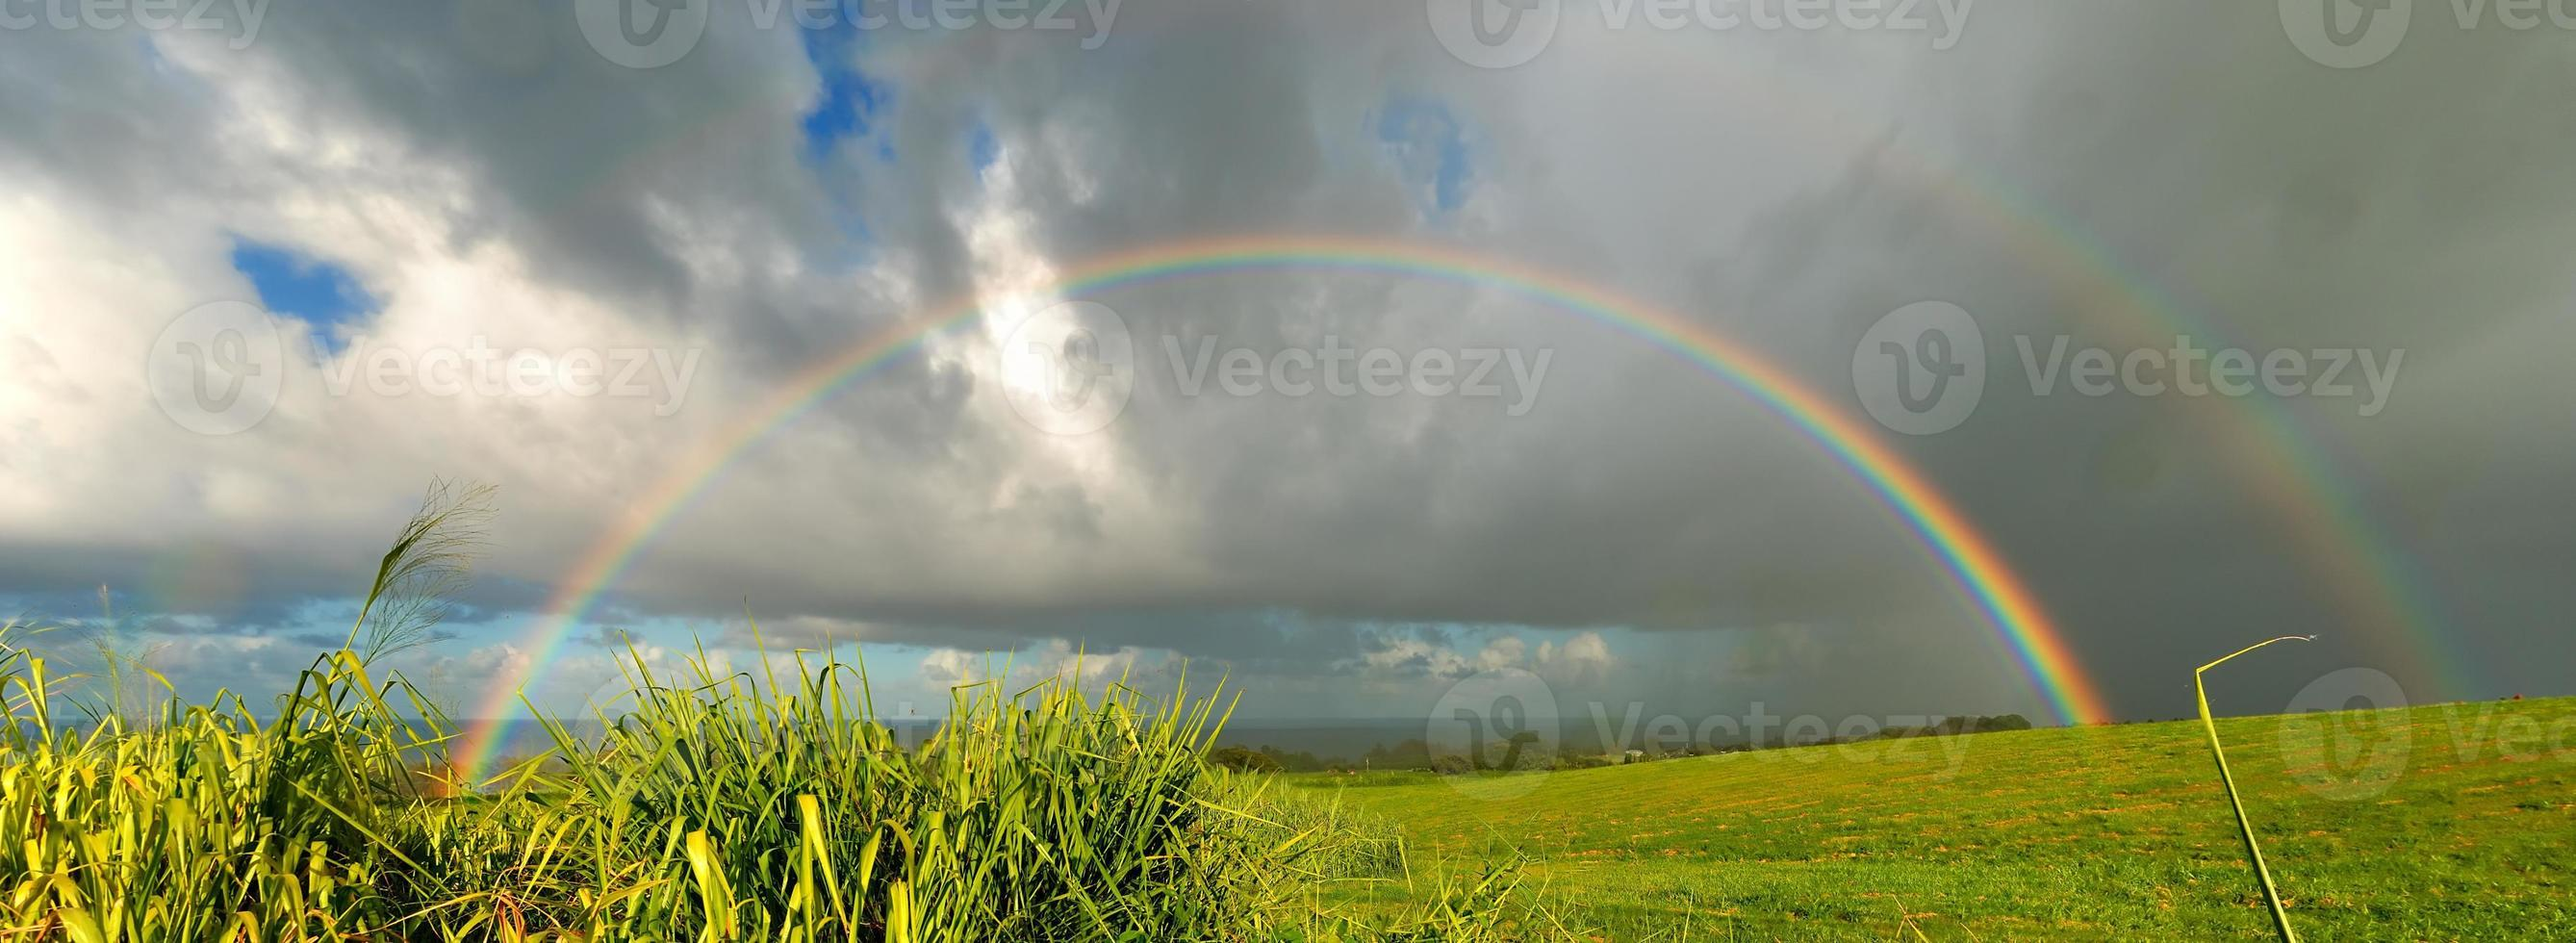 über dem Regenbogen foto